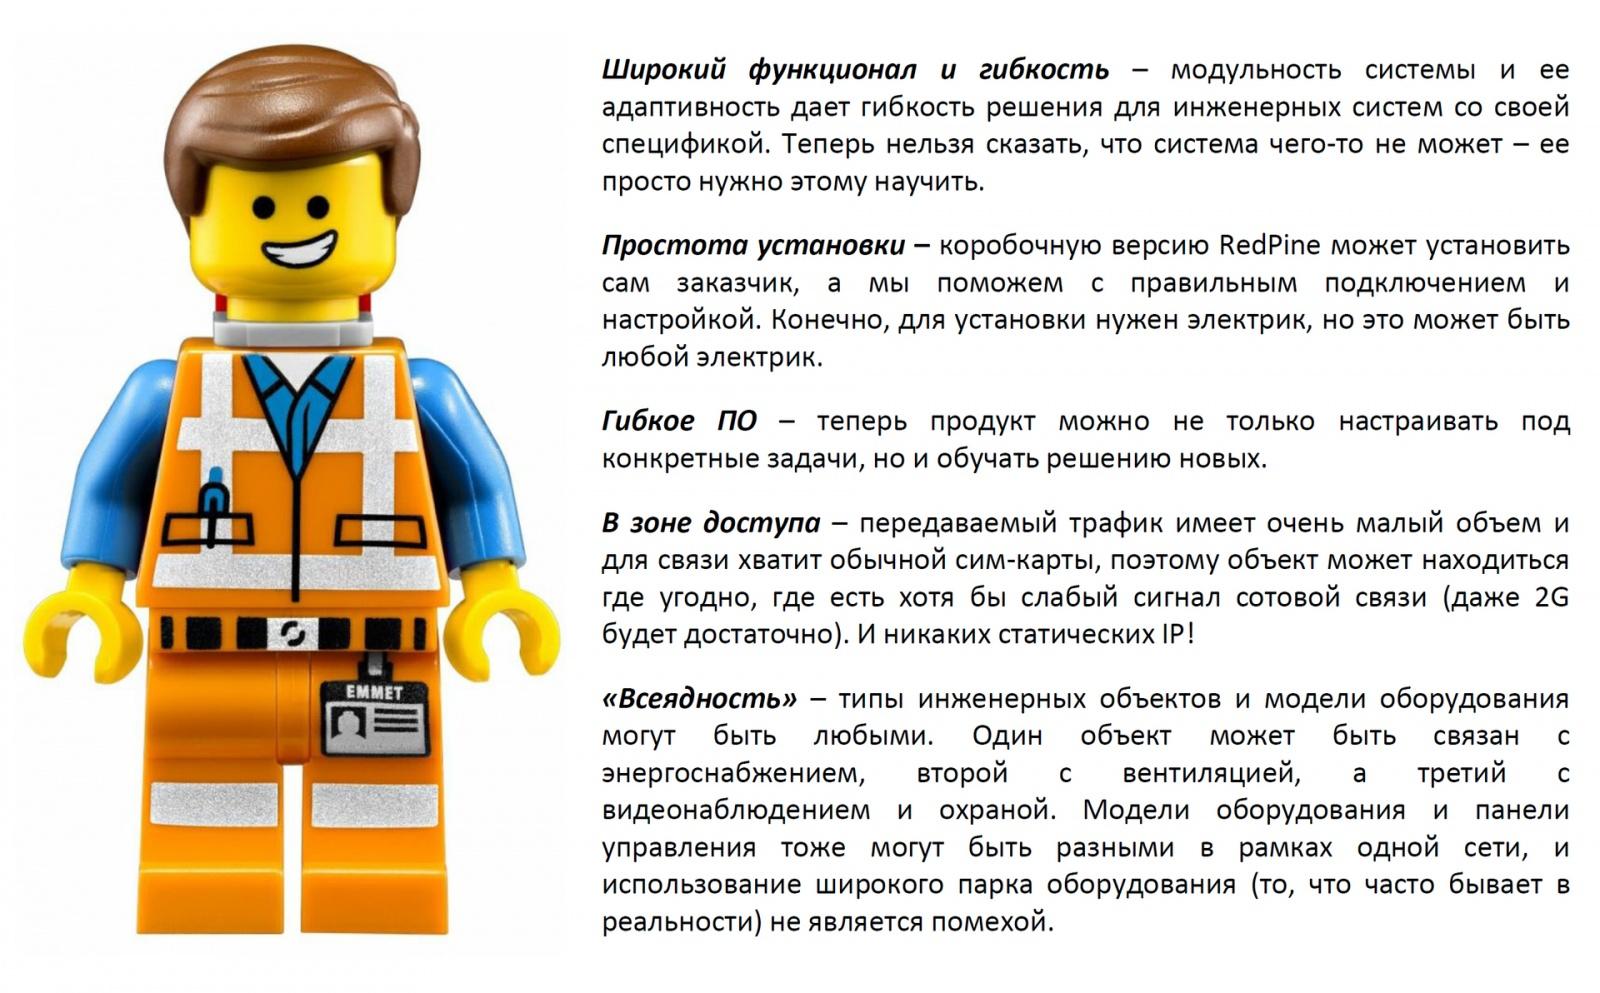 Российская система мониторинга RedPine — от проблемы к рождению нового продукта - 5